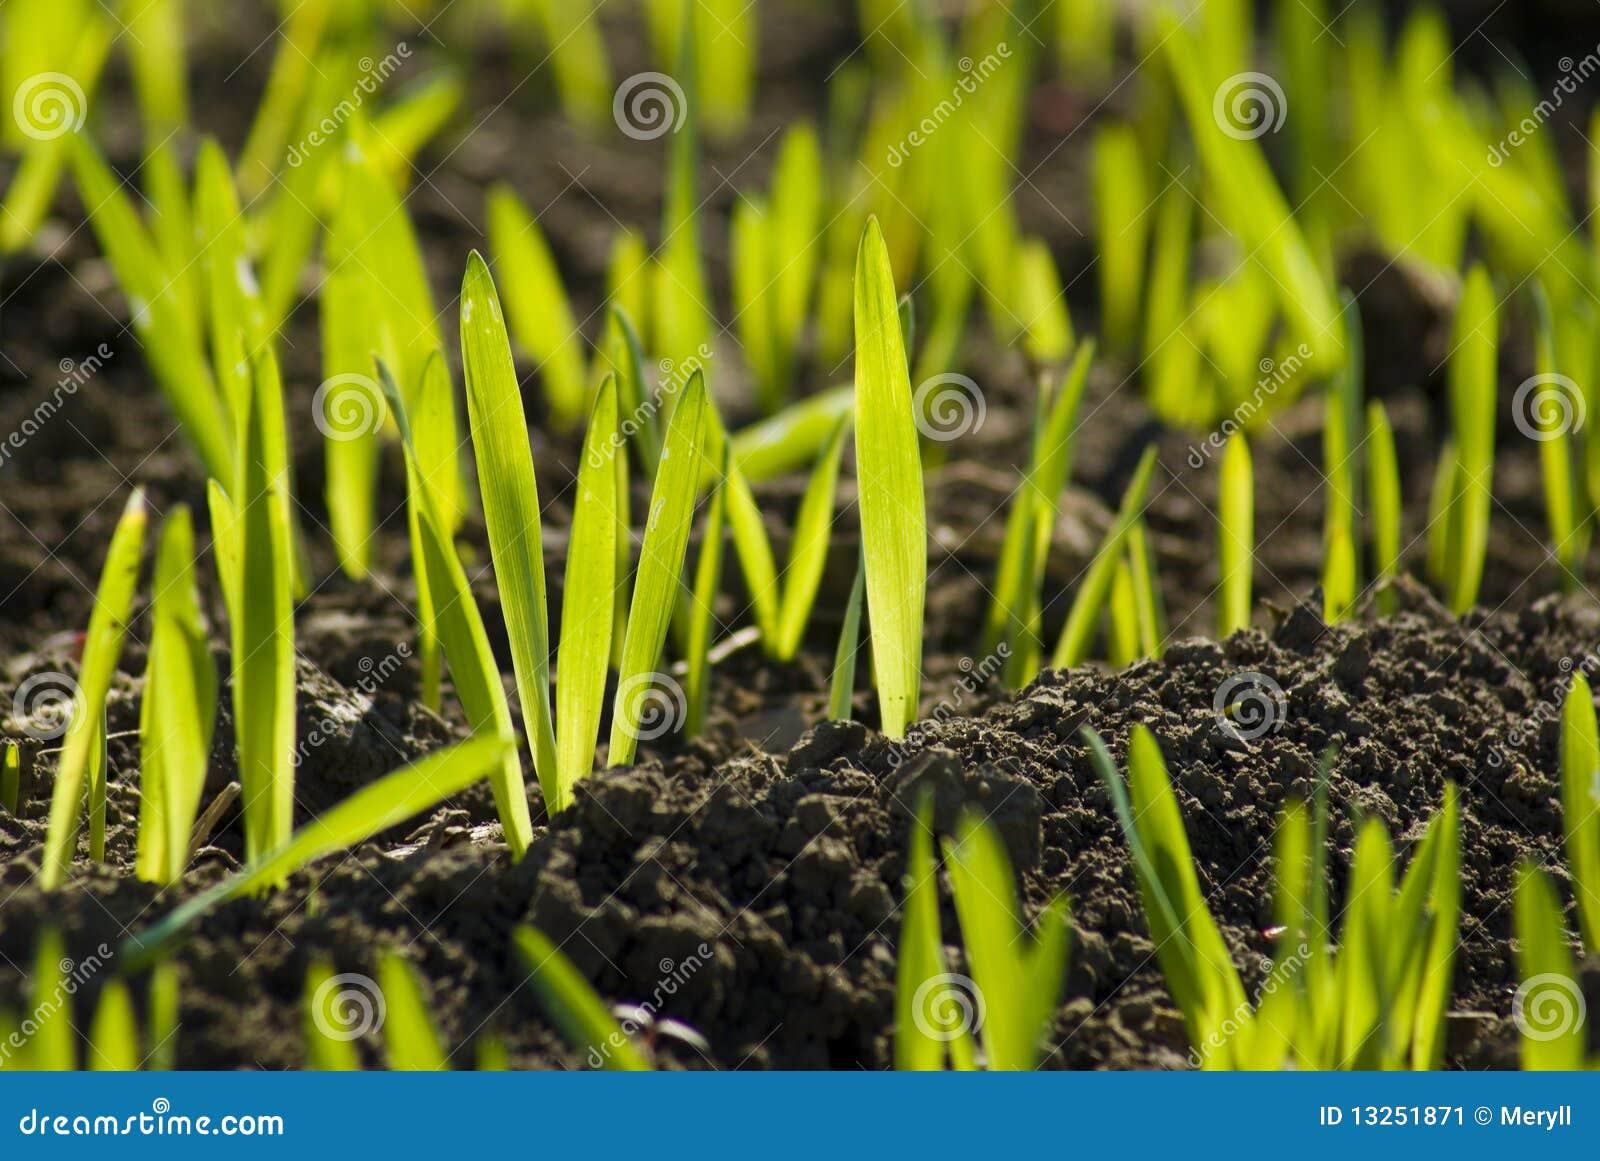 Green field grain growing